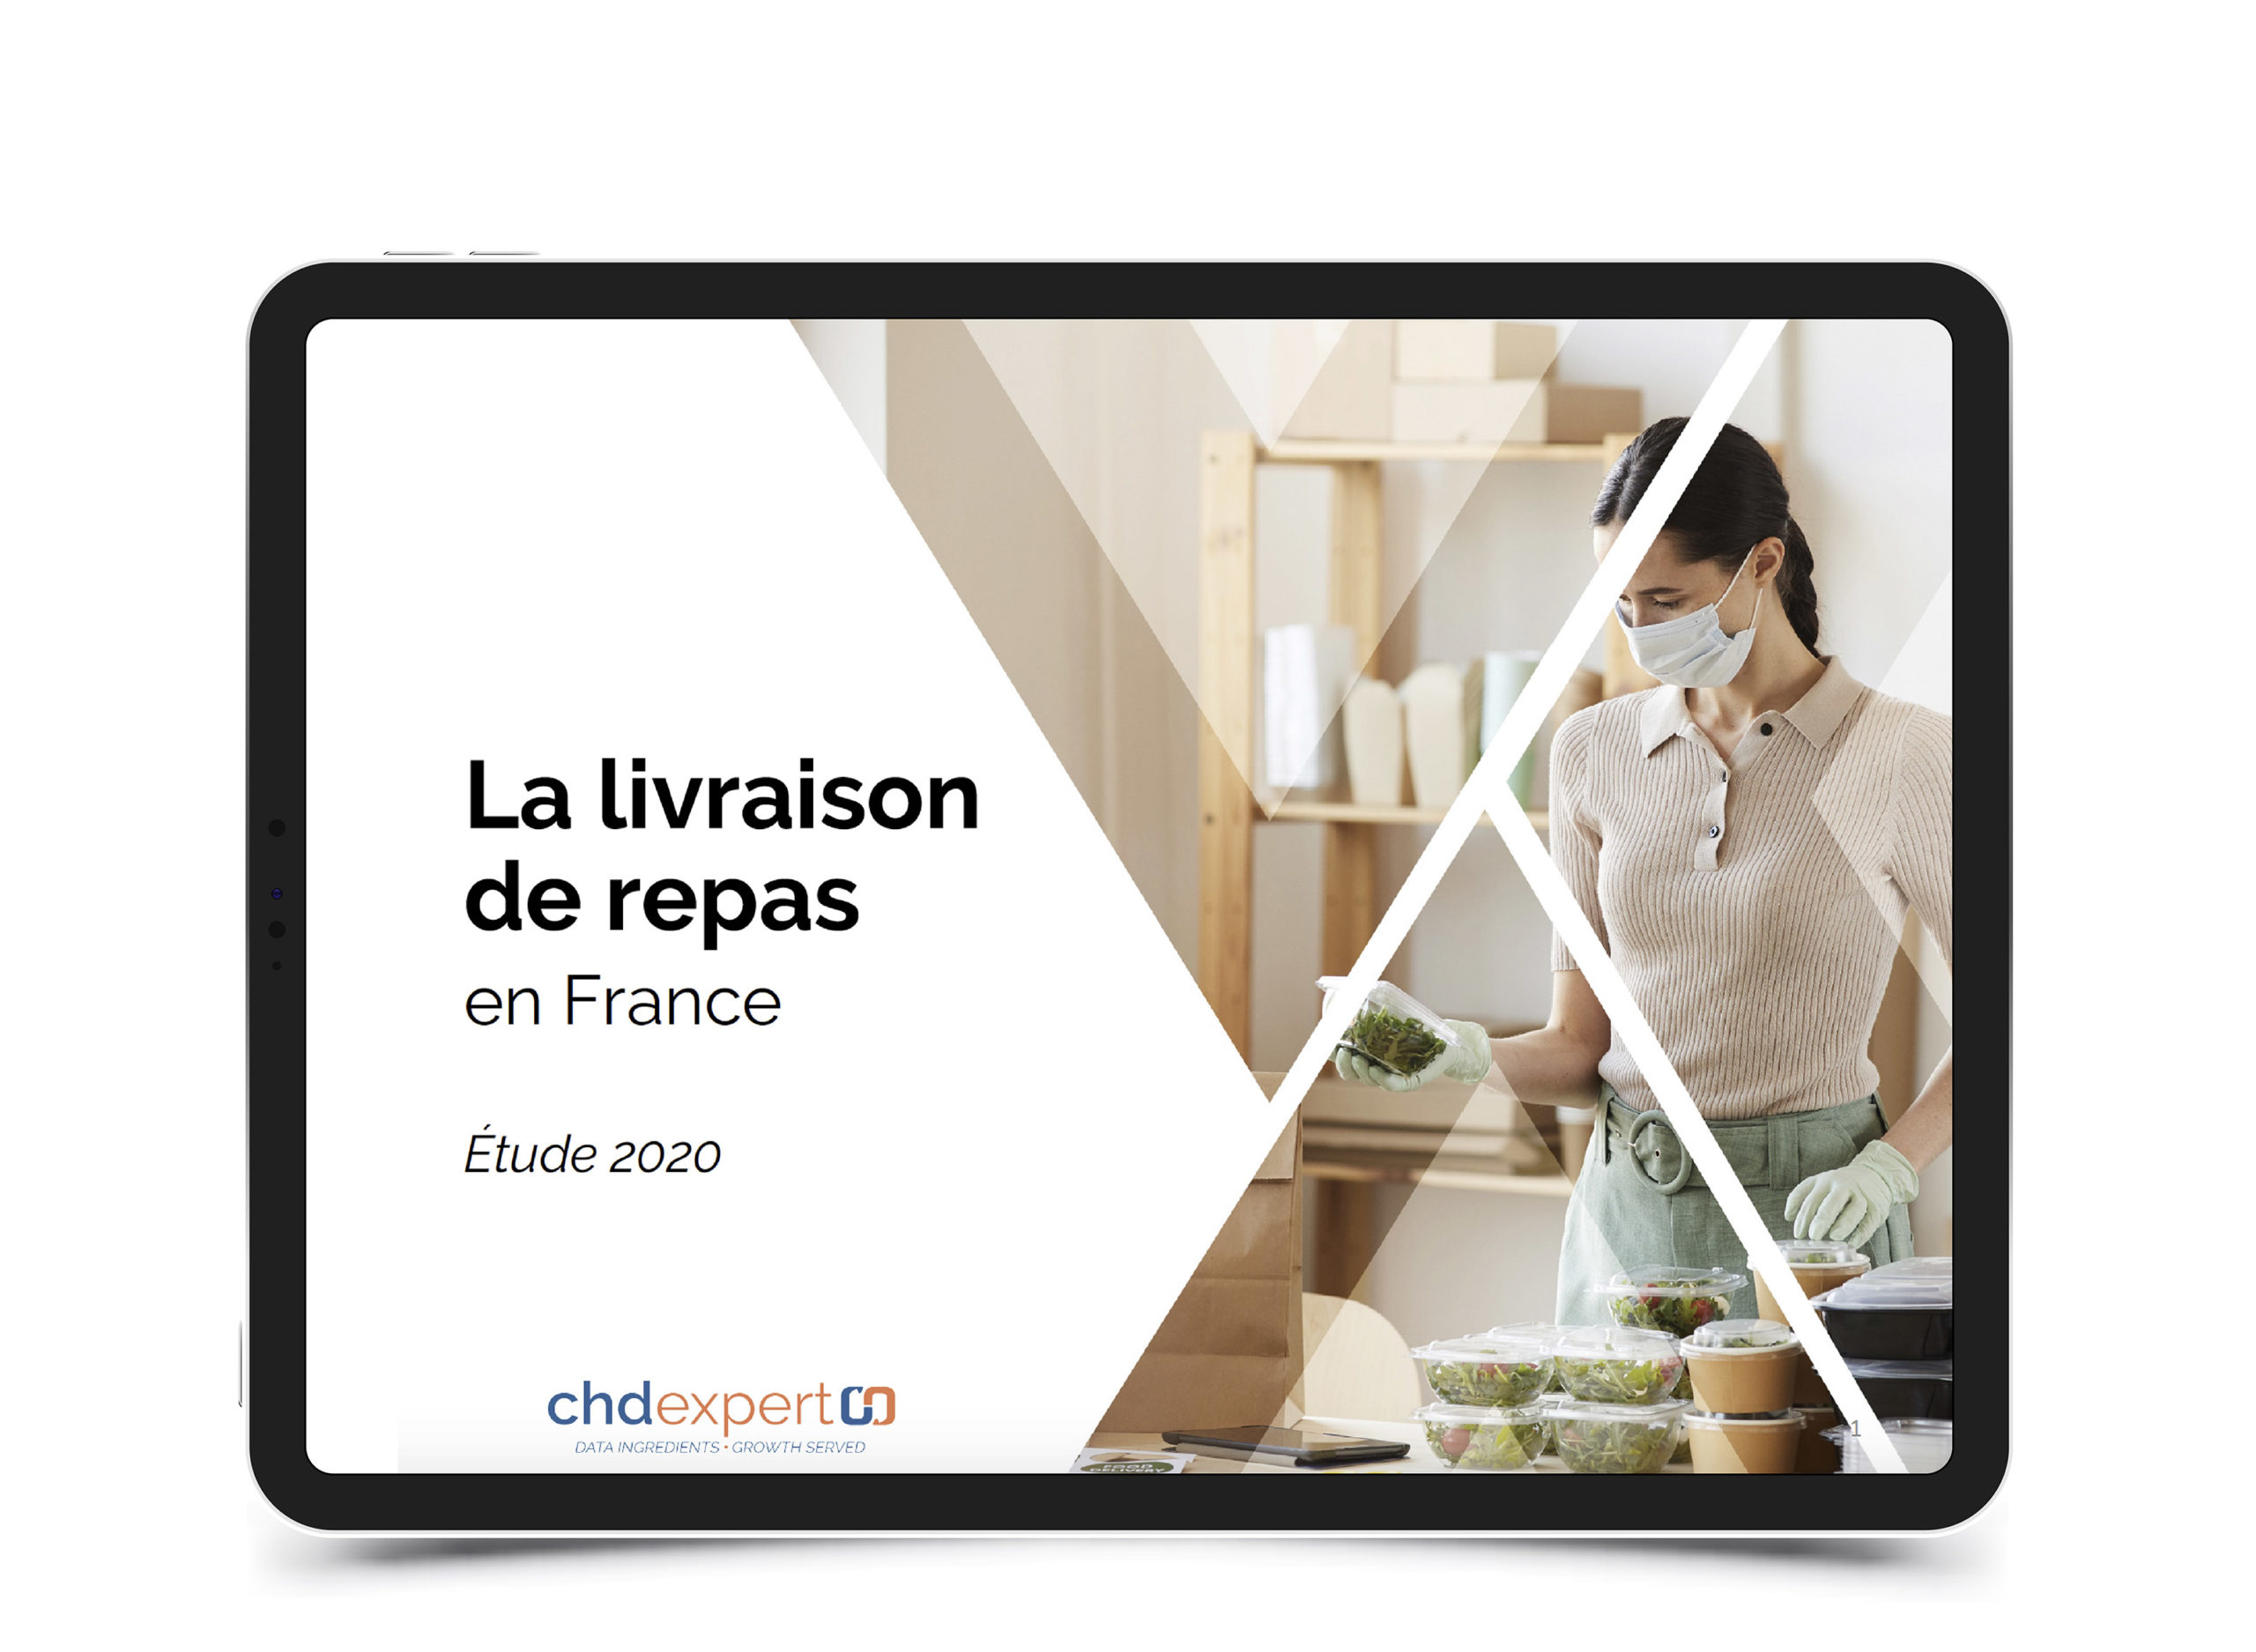 La livraison de repas en France • Étude 2020